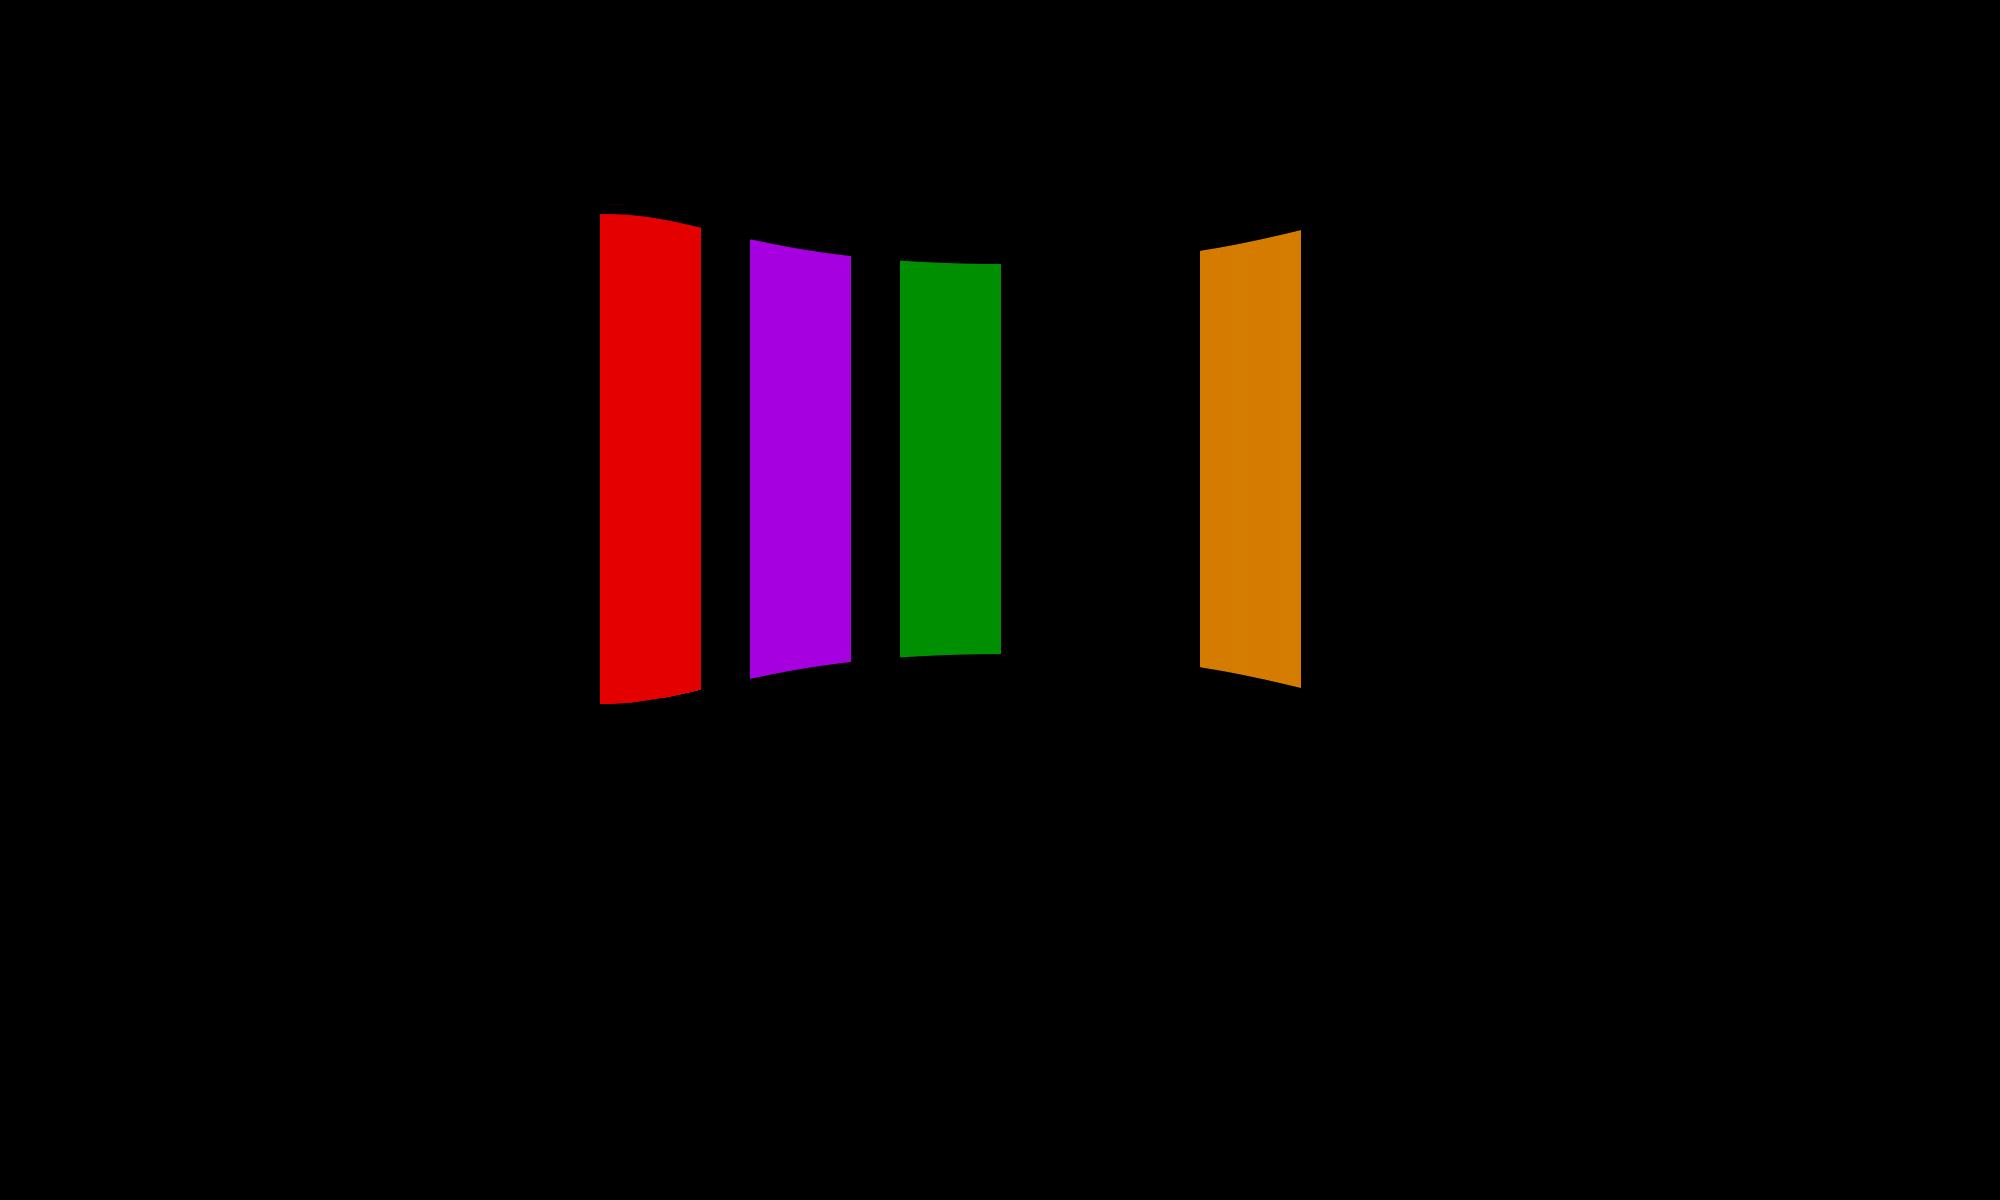 Codice Colore dei Resistori